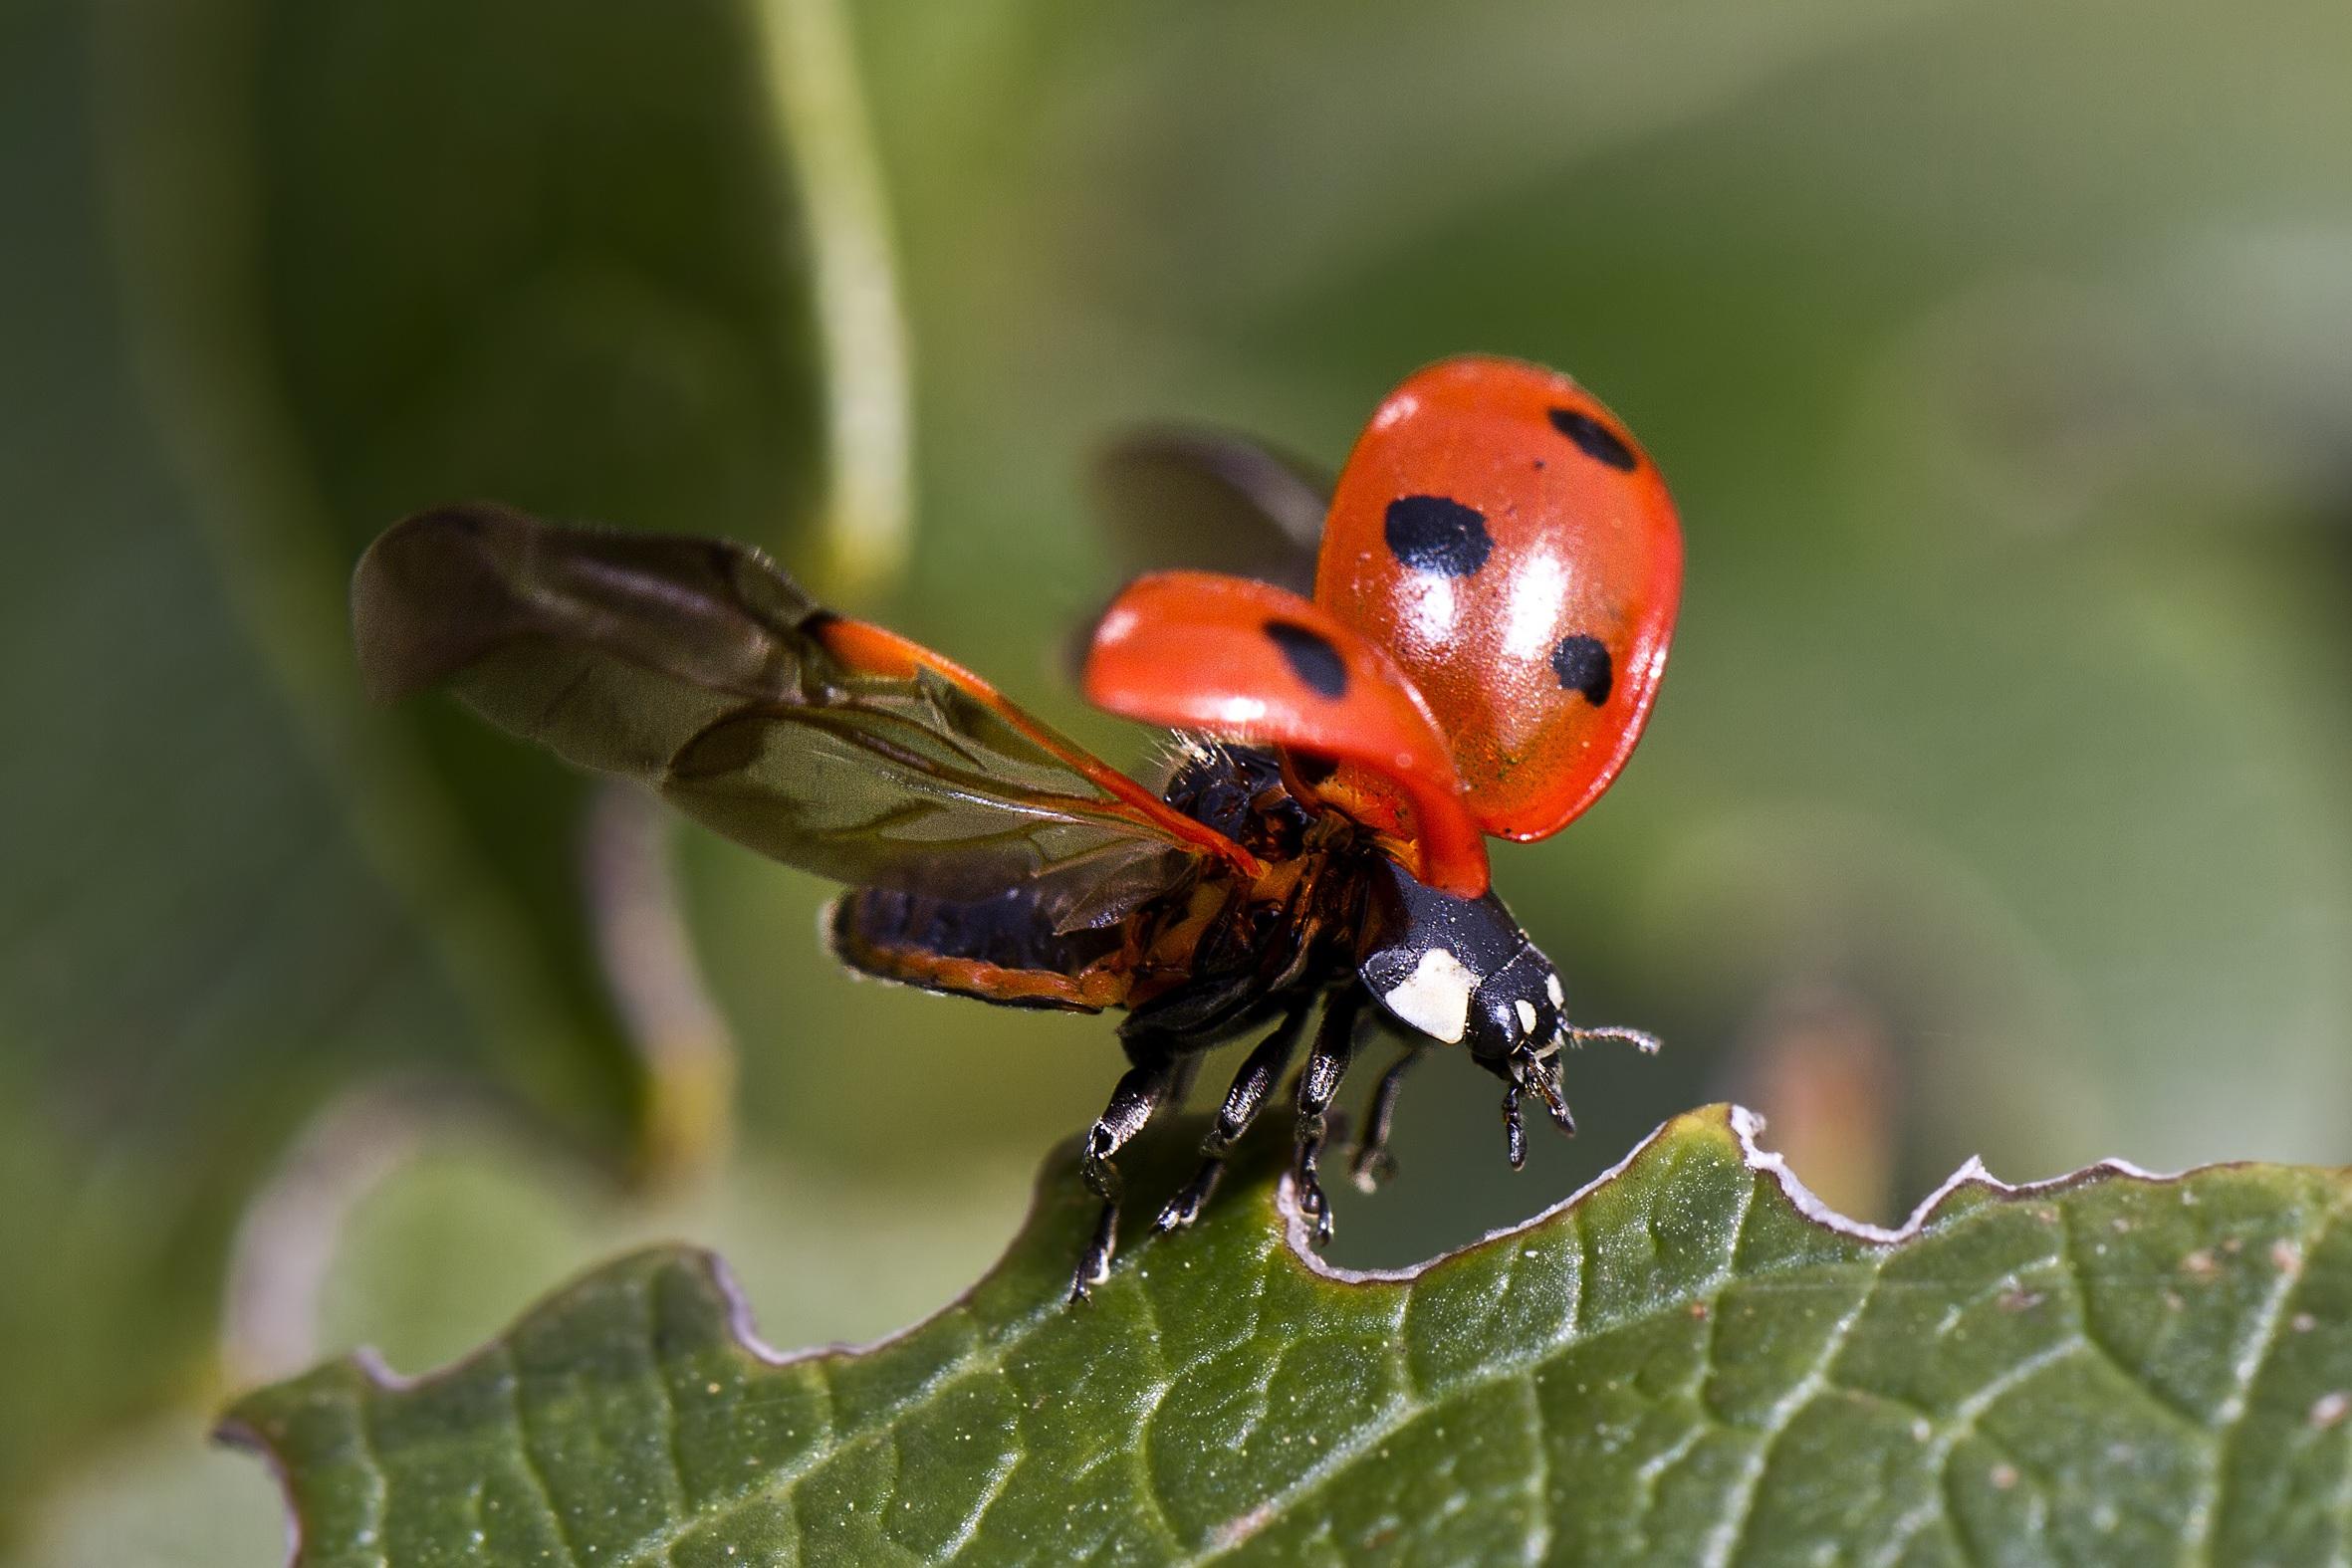 65217 Hintergrundbild herunterladen Marienkäfer, Makro, Blatt, Insekt, Flügel, Ladybird - Bildschirmschoner und Bilder kostenlos